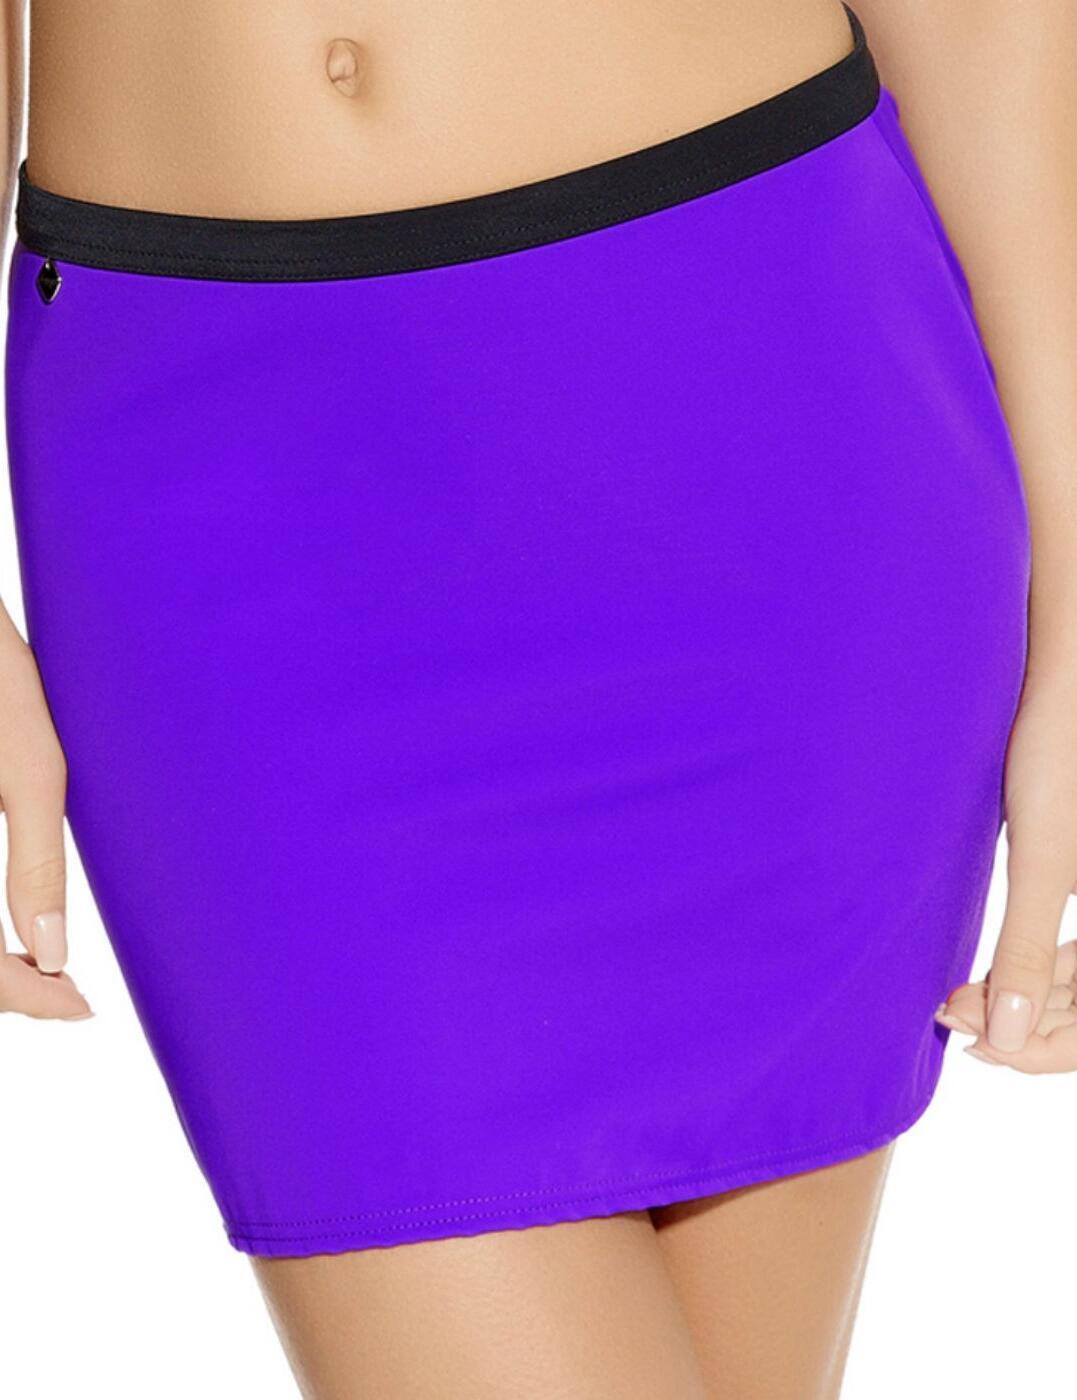 3283 Freya Bondi Skirt Vibe - 3283 Skirt